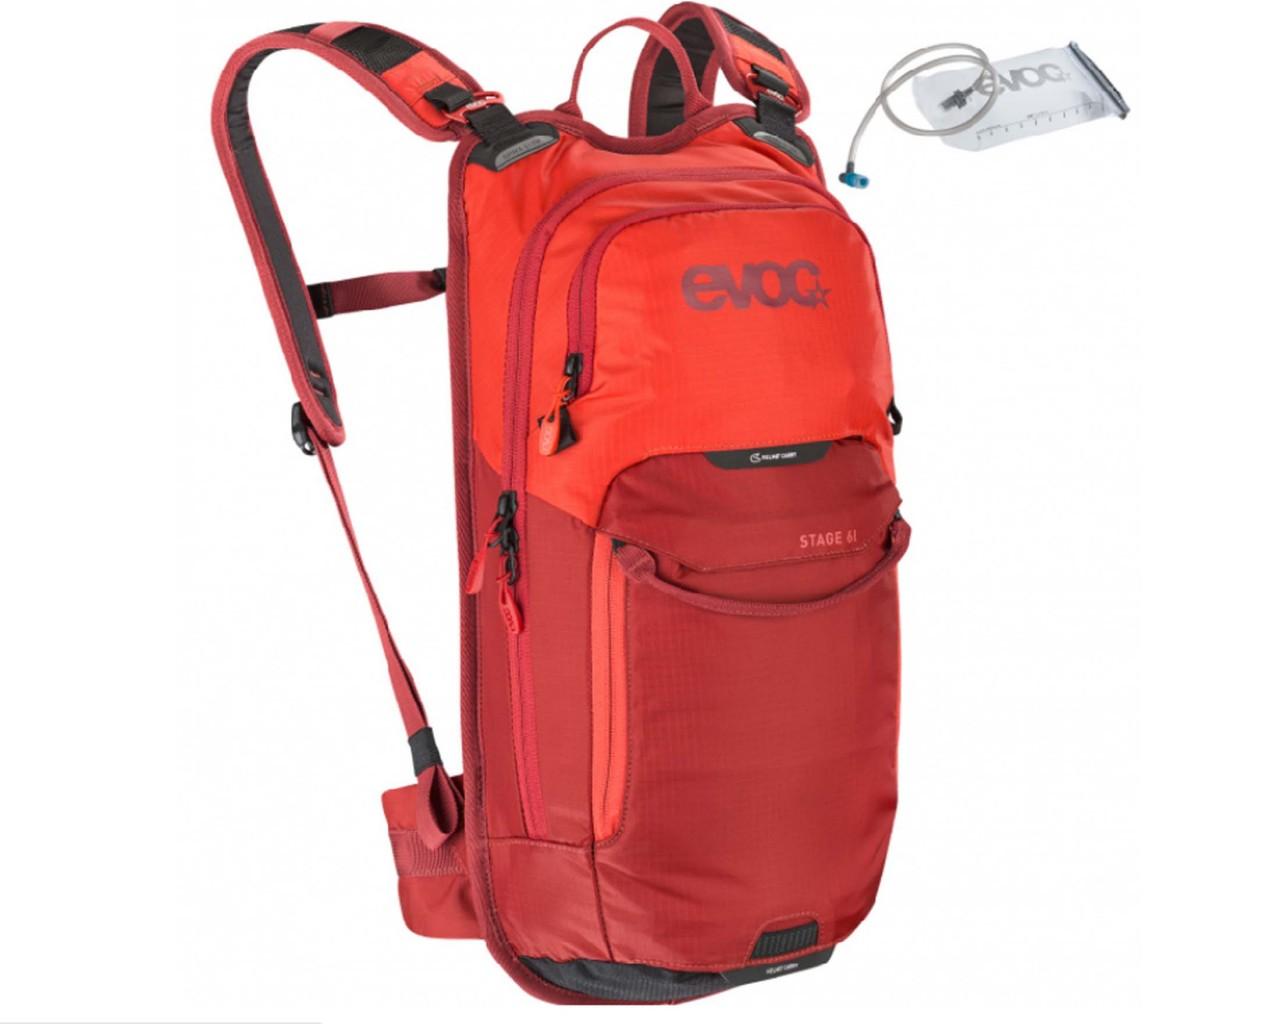 Evoc Stage 6 Liter Fahrradrucksack + 2 Liter Bladder | orange-chili red